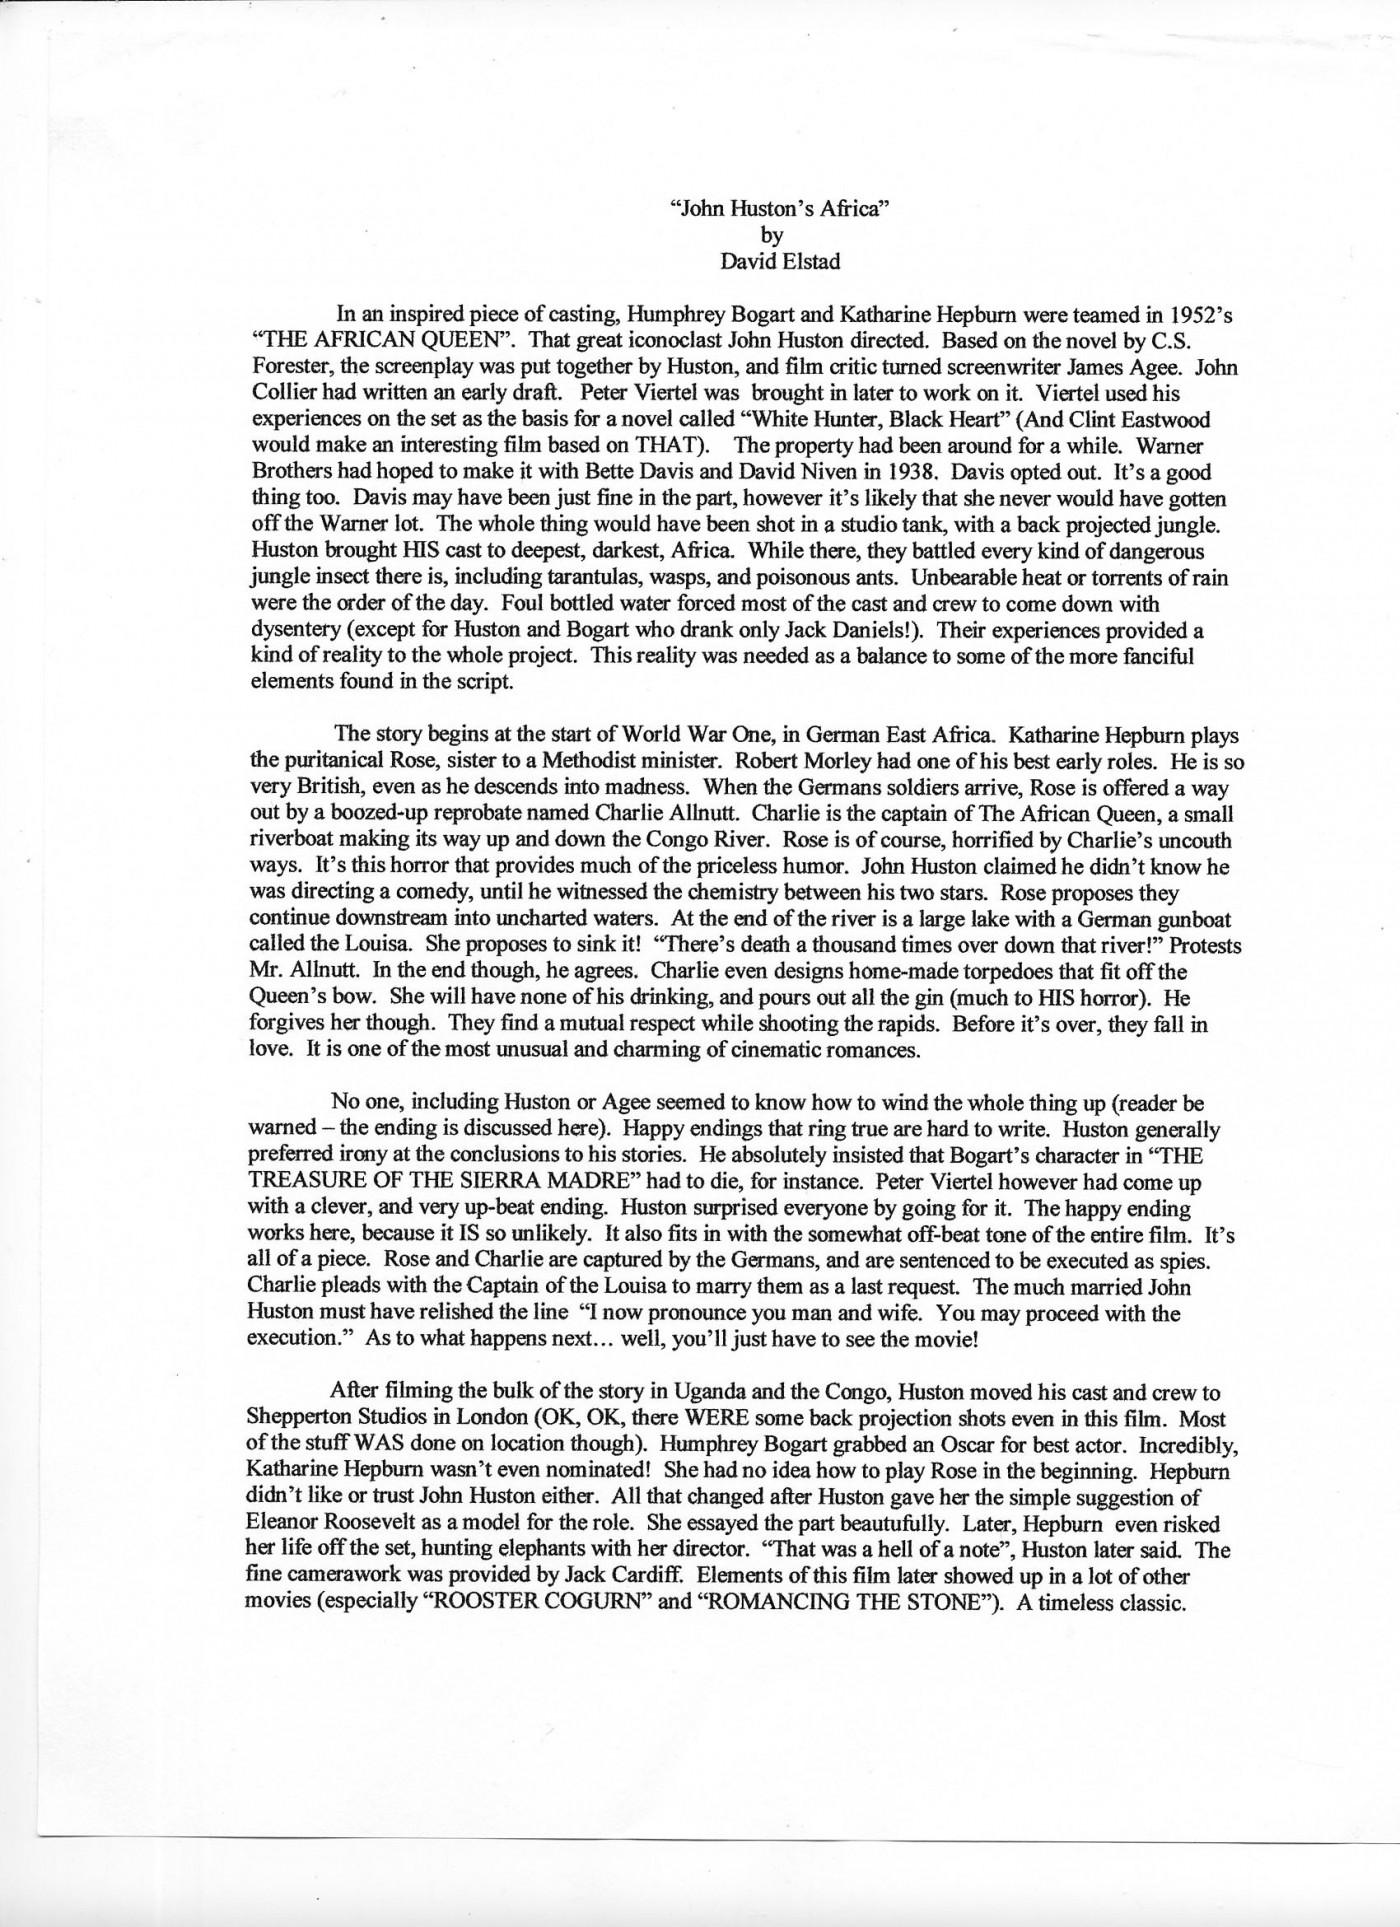 012 Njhs Essay Conclusion Onepageessay Unique 1400